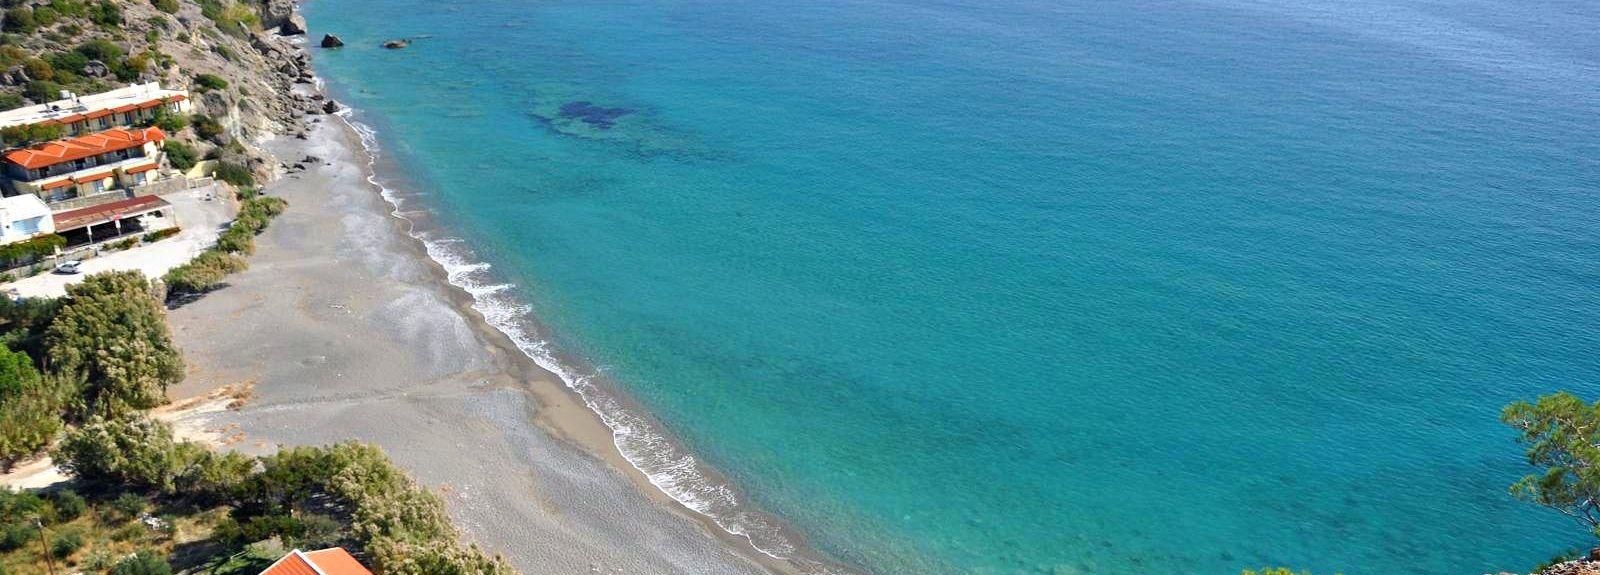 Pacheia Ammos, Ierapetra, Crete, Greece